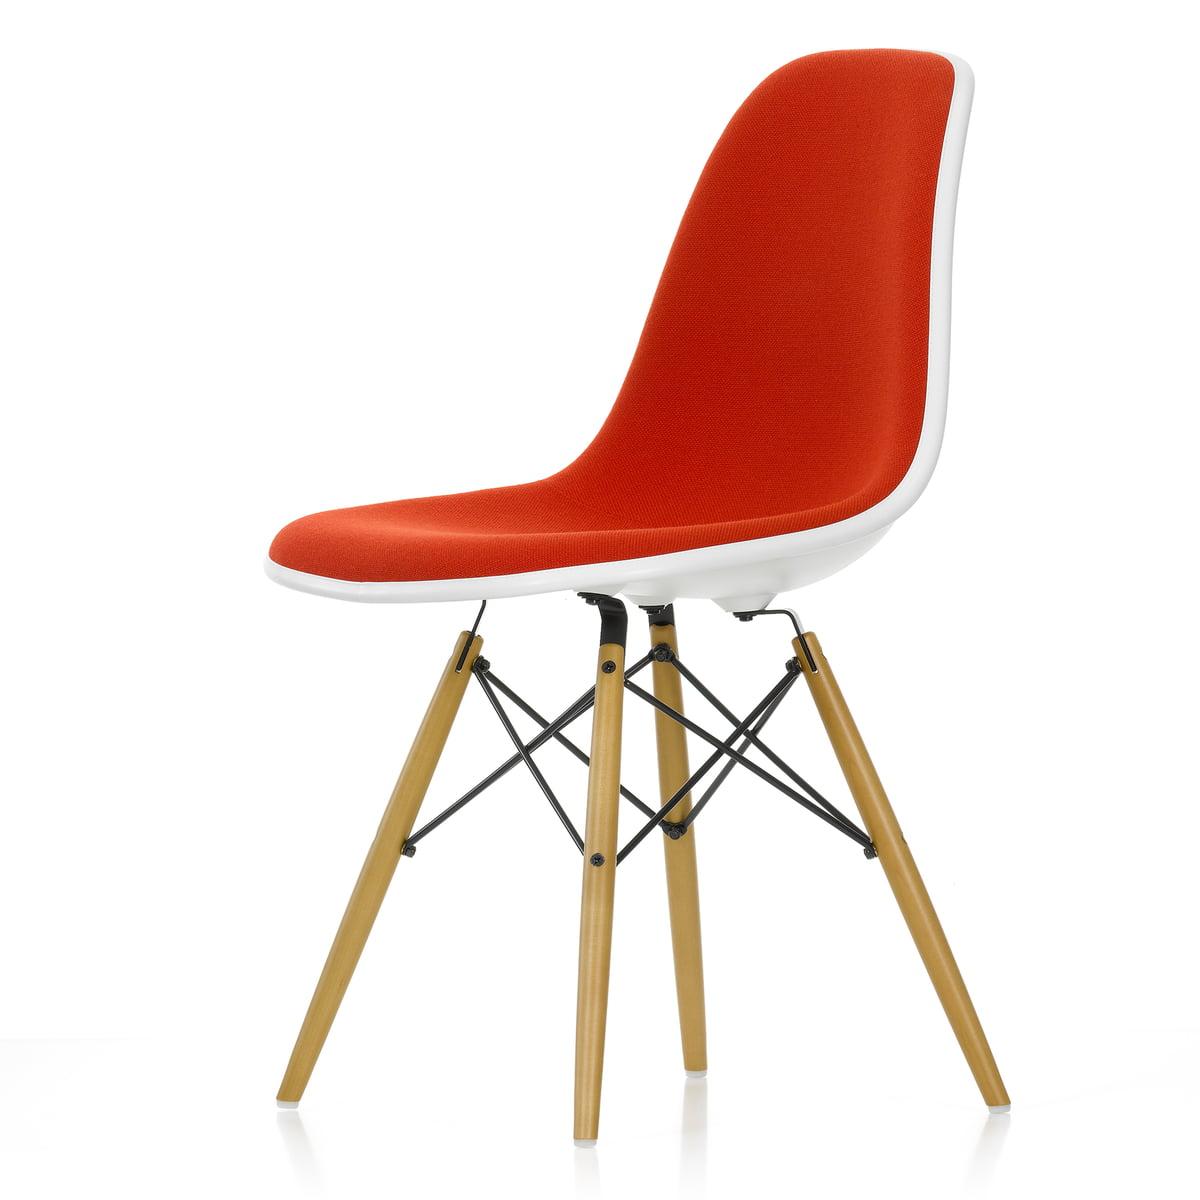 Vitra - Chaise en plastique eames dsw (h 43 cm), érable jaunâtre / blanc,  rembourrage complet hopsak rouge / cognac (96), feutre planeur blanc / ...